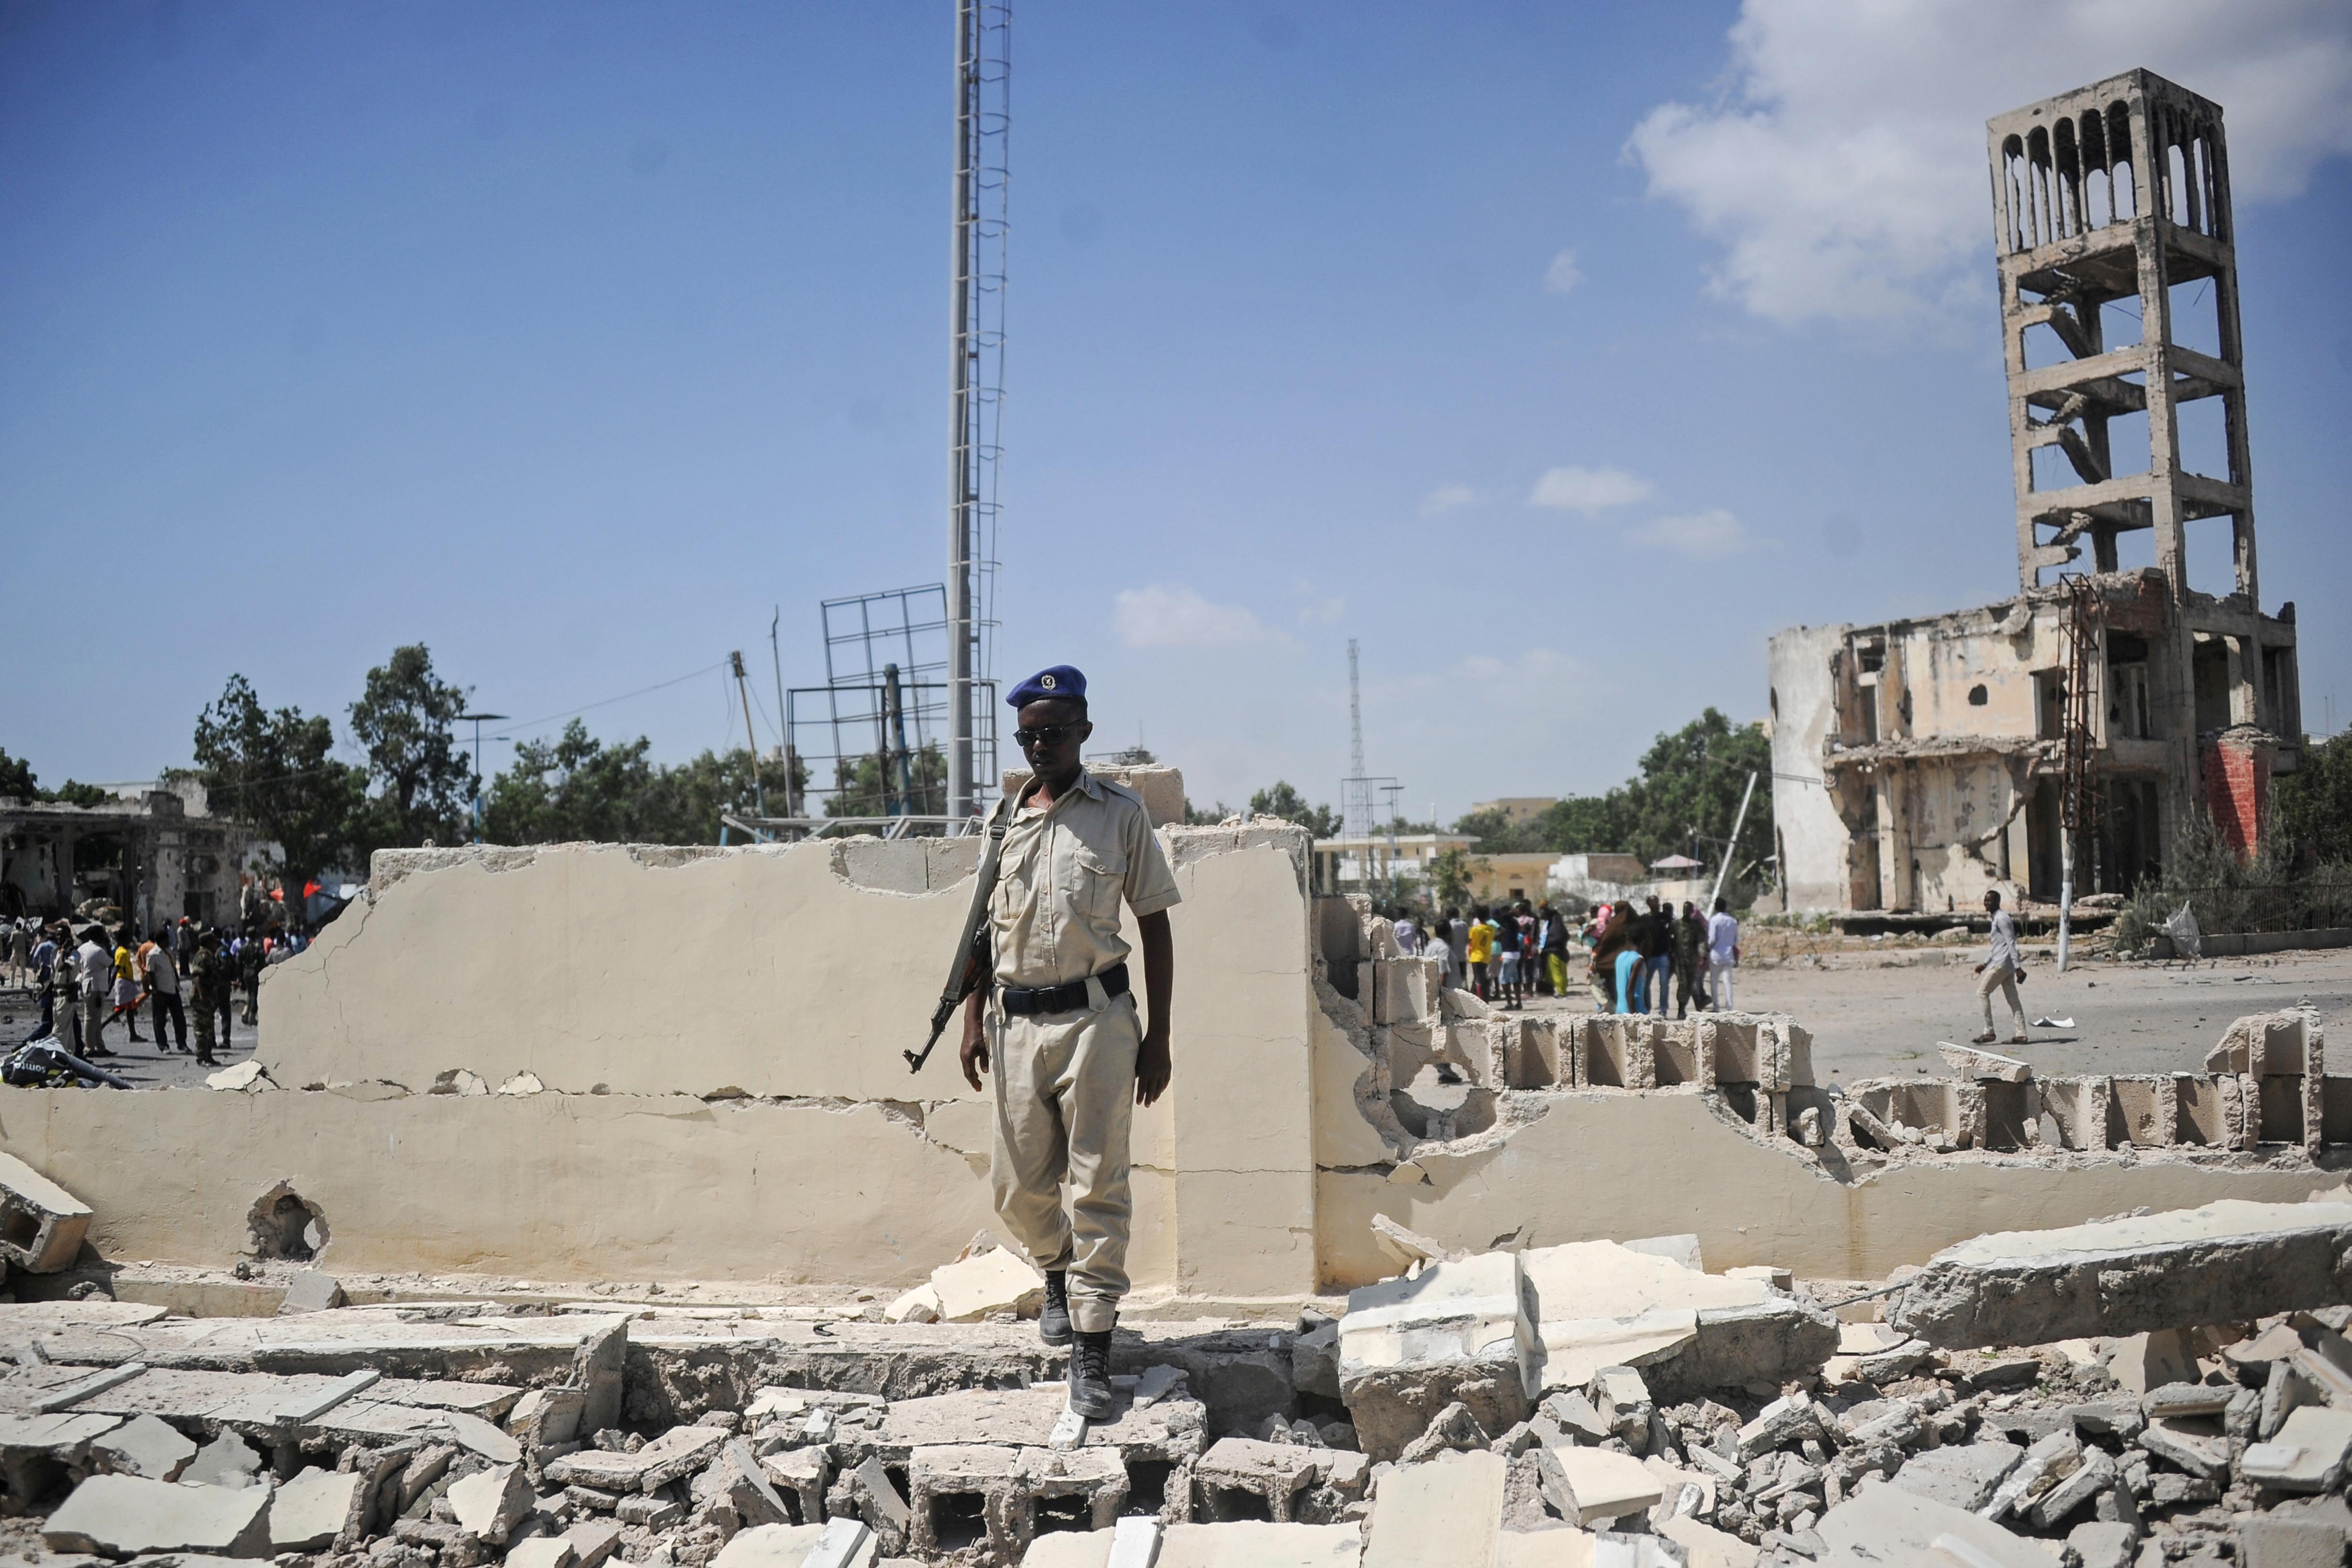 El ataque fue reivindicado por el grupo terrorista Al Shabab(Foto: Mohamed ABDIWAHAB / AFP)